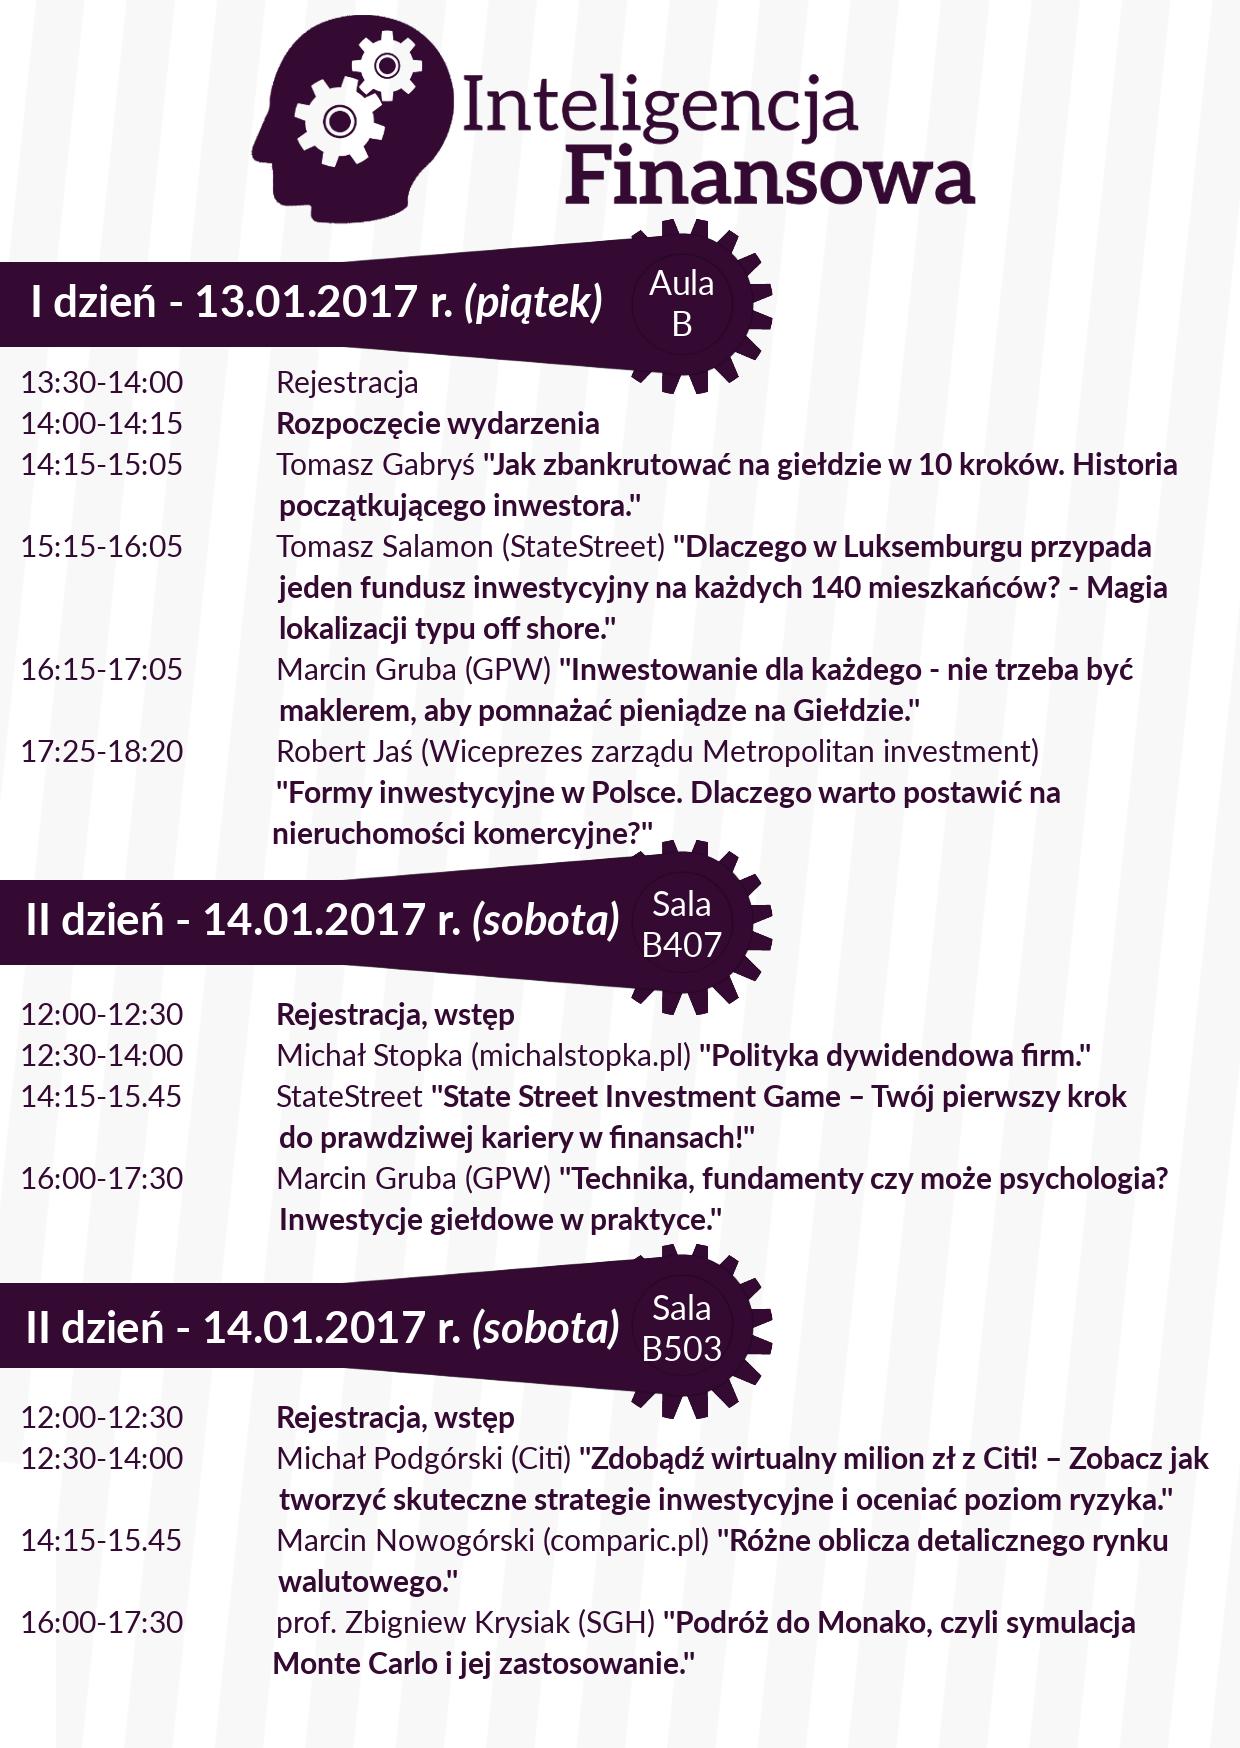 agenda-1